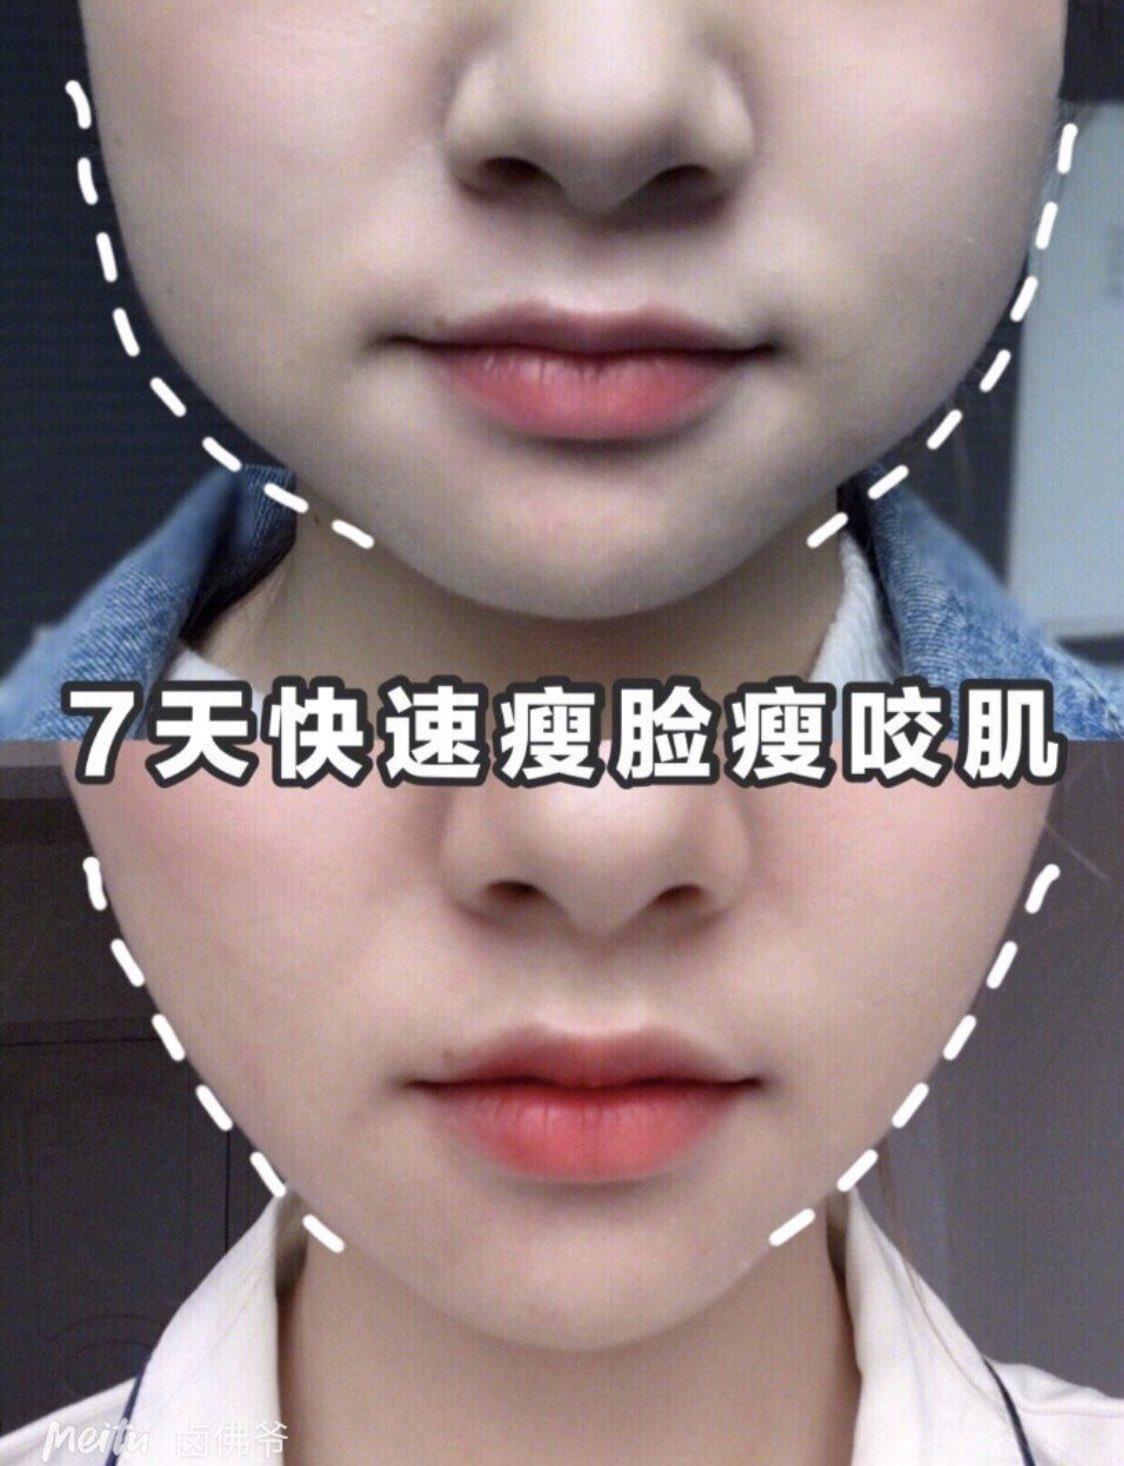 エラ張り解消マッサージ✨ 1つのステップを1分ずつ!!1日5分で小顔を目指そう ①輪郭と親指がそうように ②1箇所ずつ押すように ③こめかみでギュッと押す ④外側に回す ⑤老廃物を流すイメージで ⚠️しっかりボディークリーム塗ってね!! #紅美女 #中国ダイエット